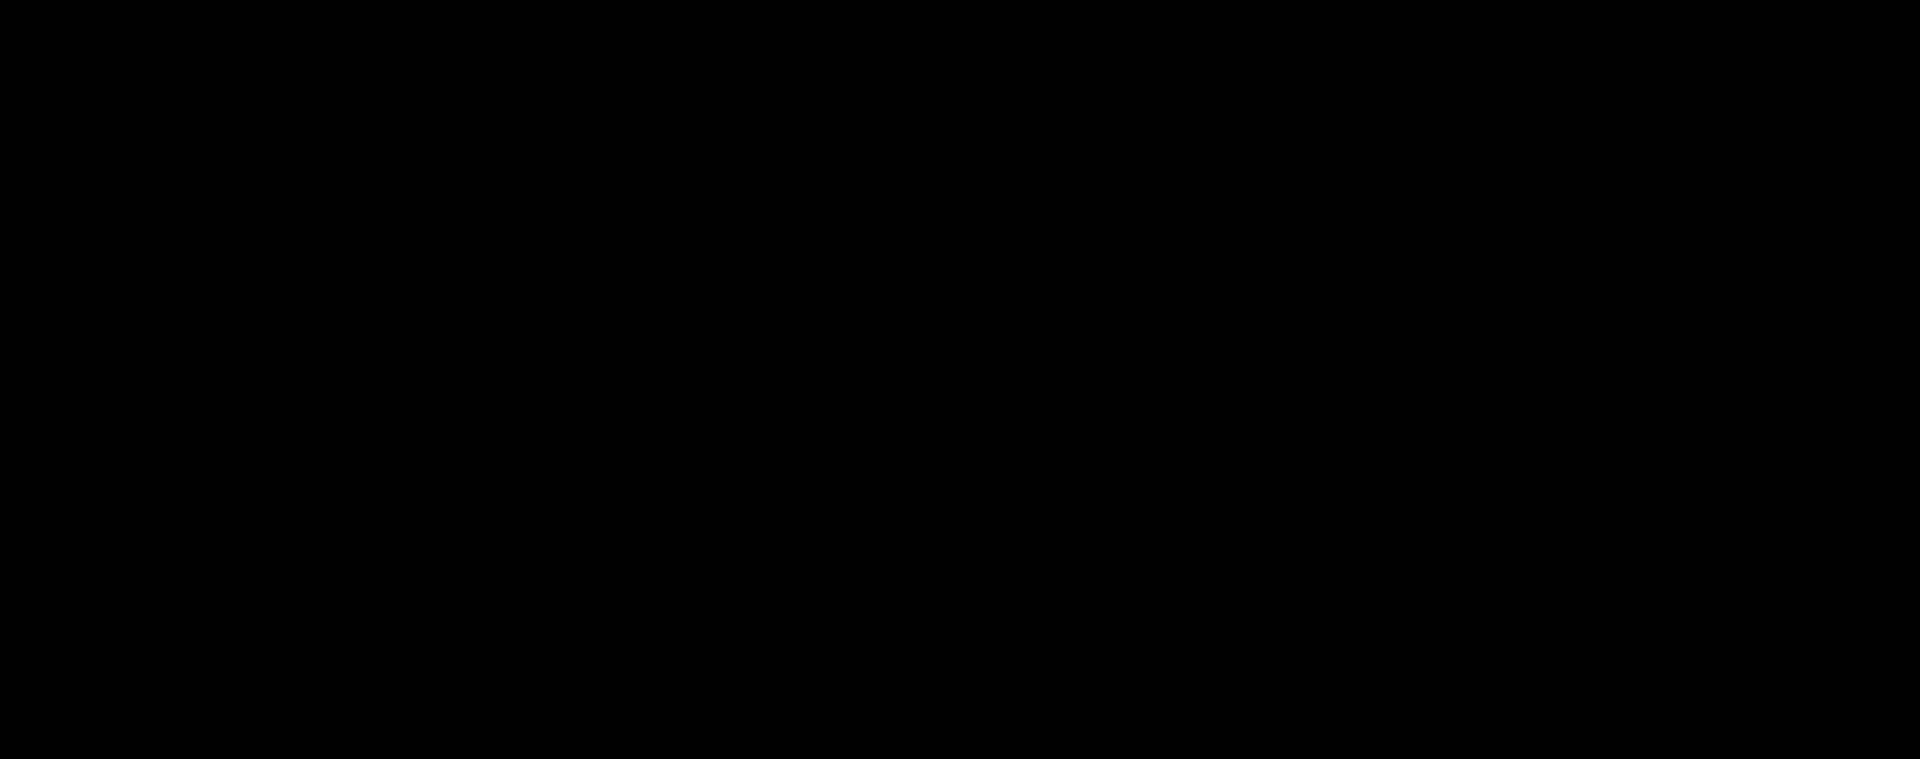 Ibuprofeno estructura